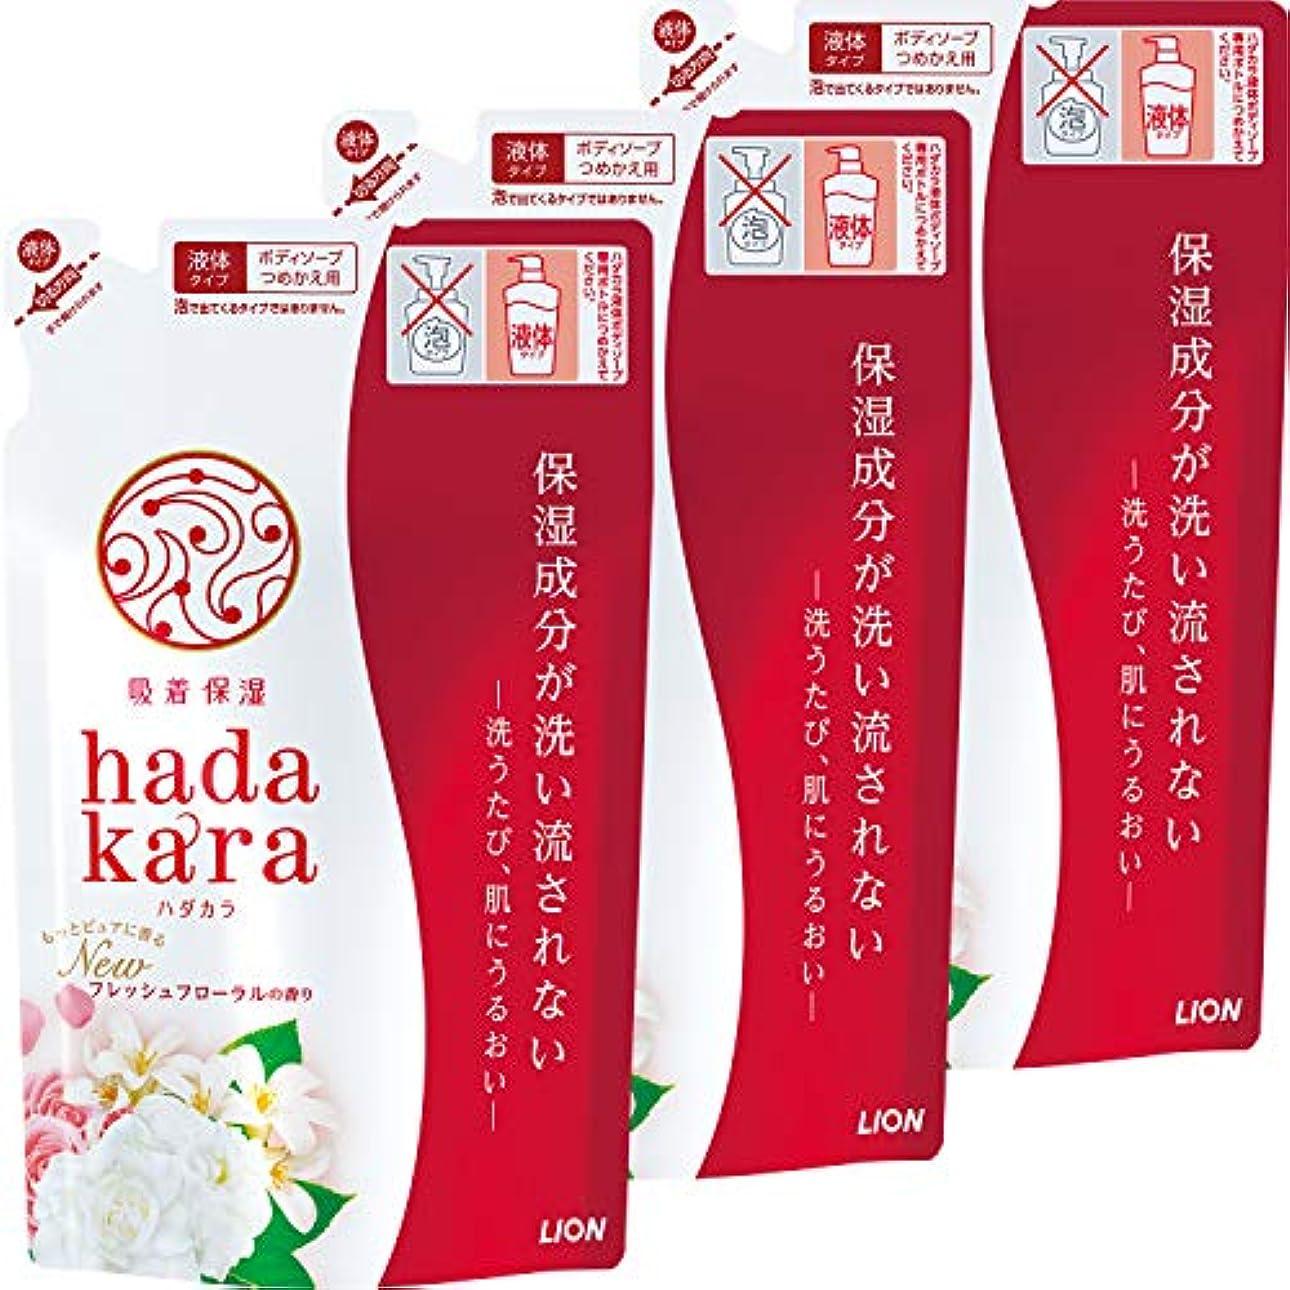 グラマー思い出させる遠征hadakara(ハダカラ) ボディソープ フレッシュフローラルの香り つめかえ360ml×3個 詰替え用